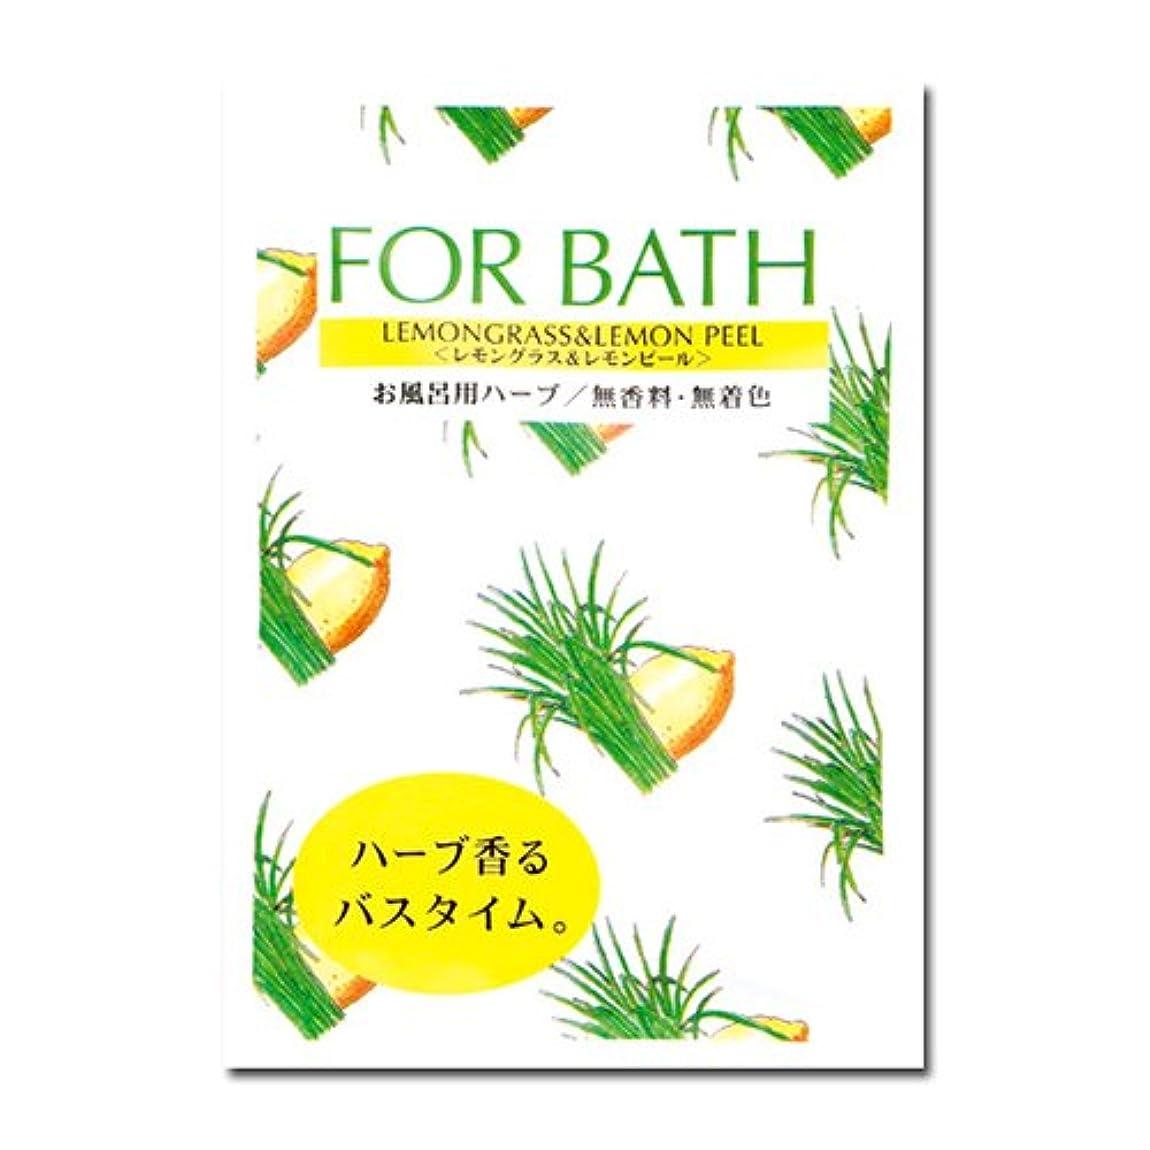 ヒューズくつろぐ発行フォアバス レモングラス&レモンピールx30袋[フォアバス/入浴剤/ハーブ]